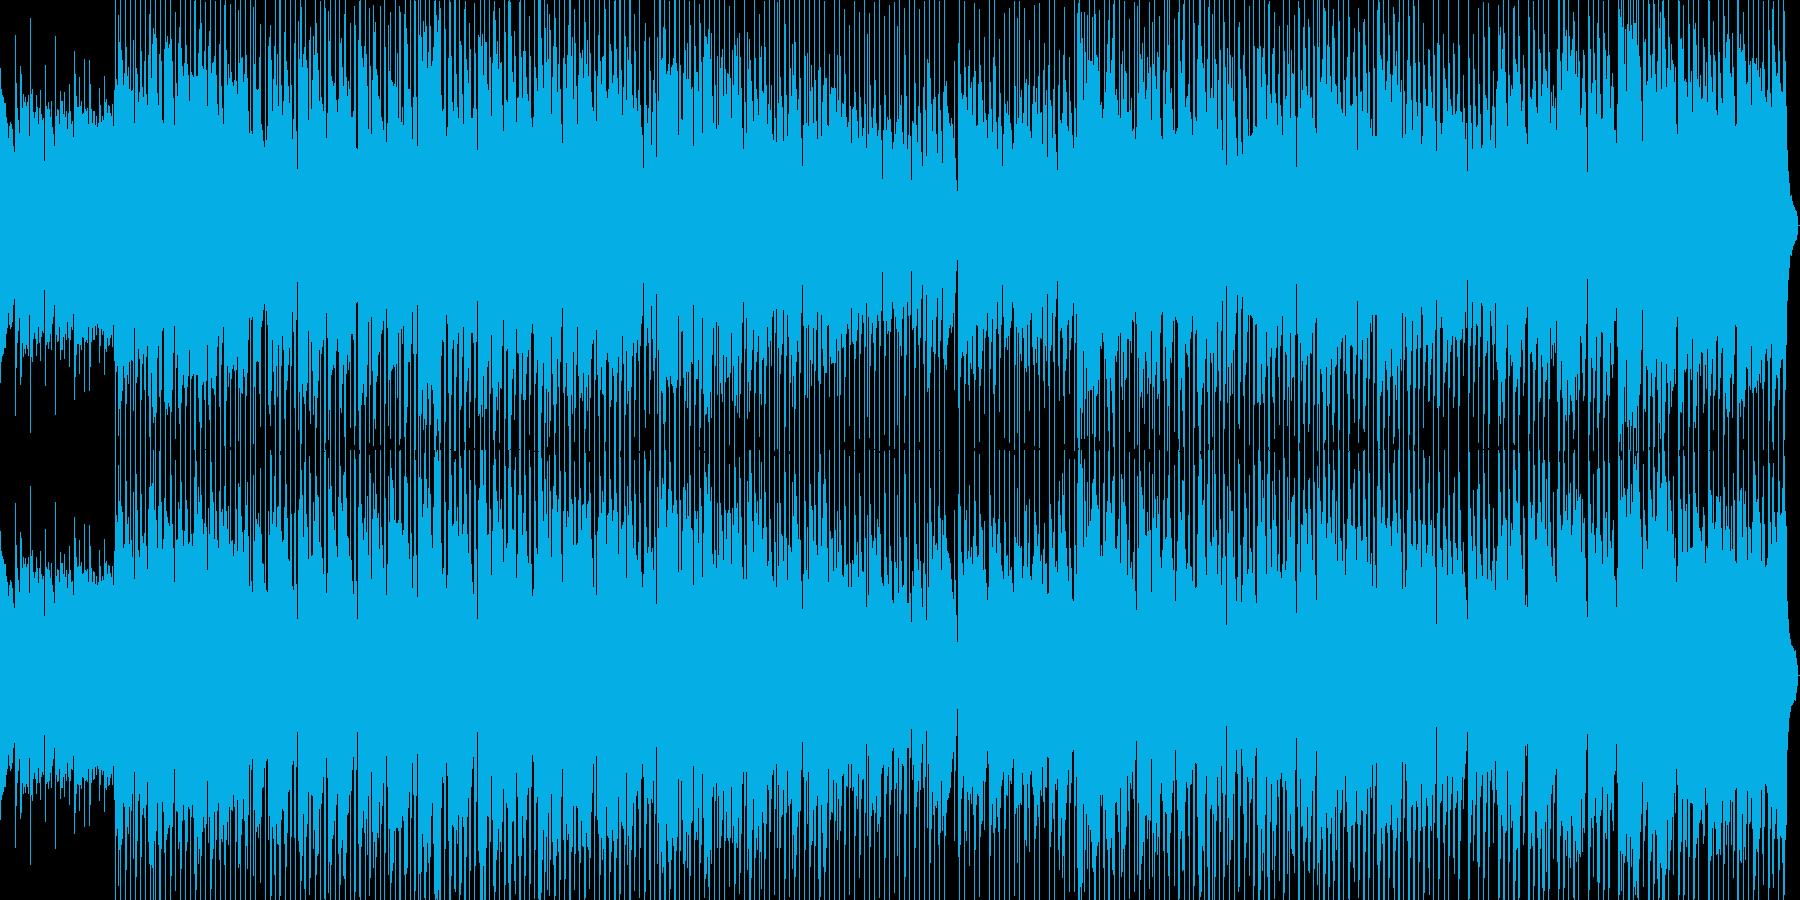 粗野で無骨な男の歌の再生済みの波形